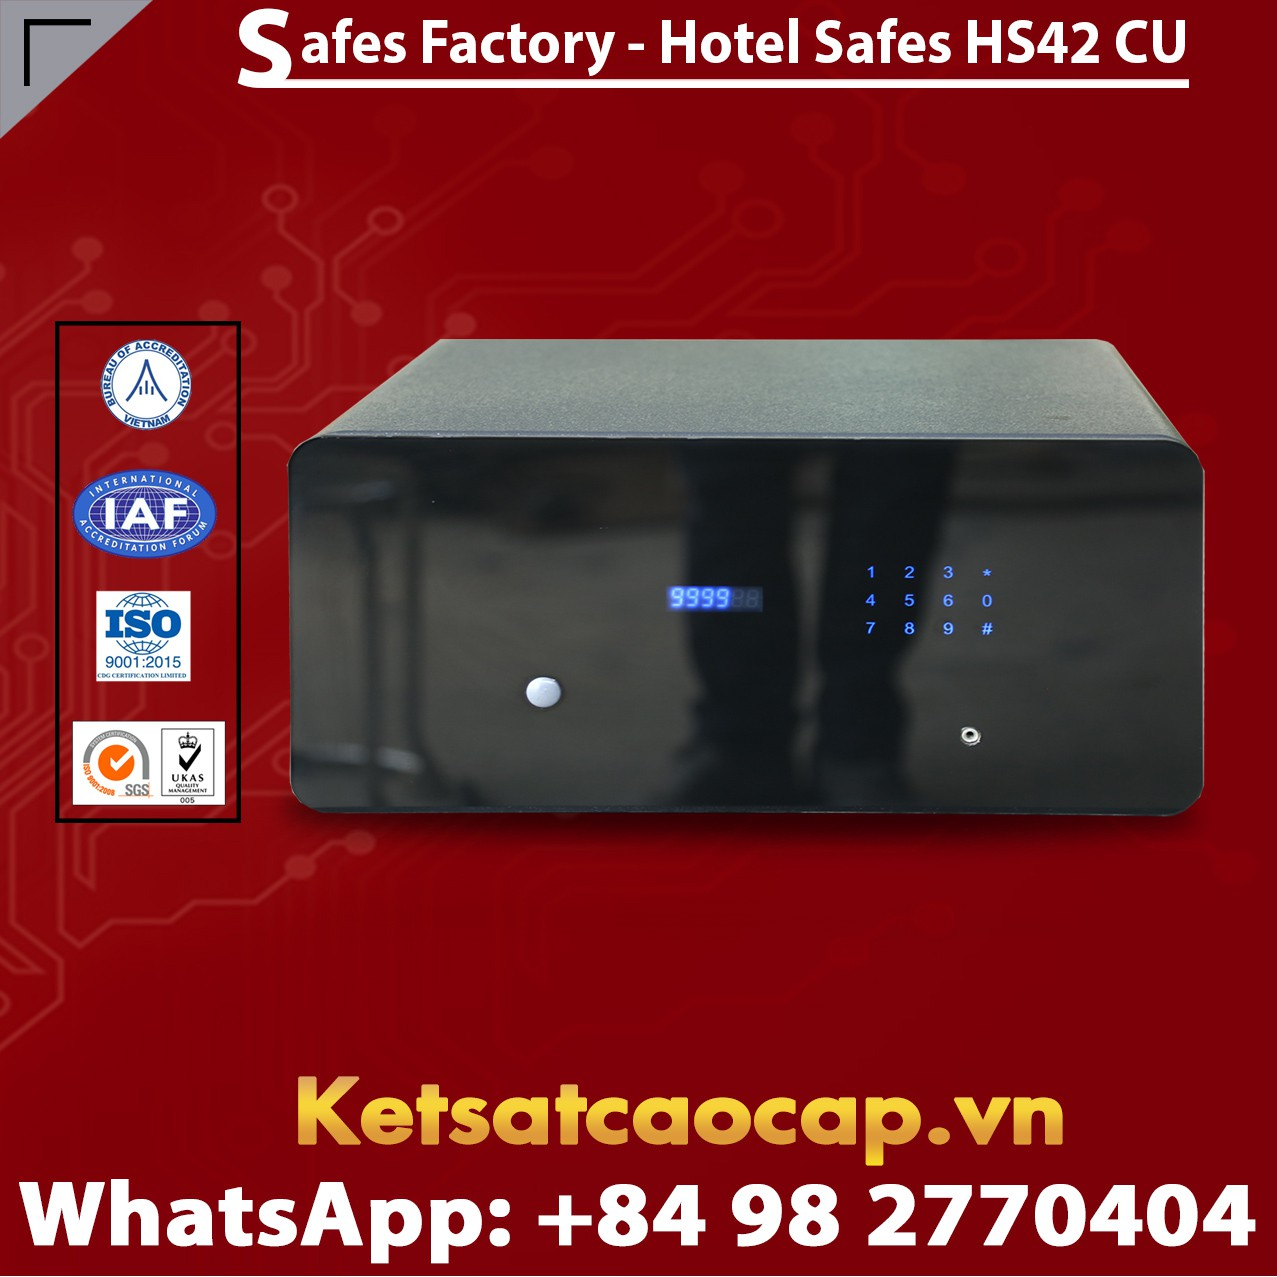 Két Sắt Khách Sạn Hotel Safes WELKO HS42 CU